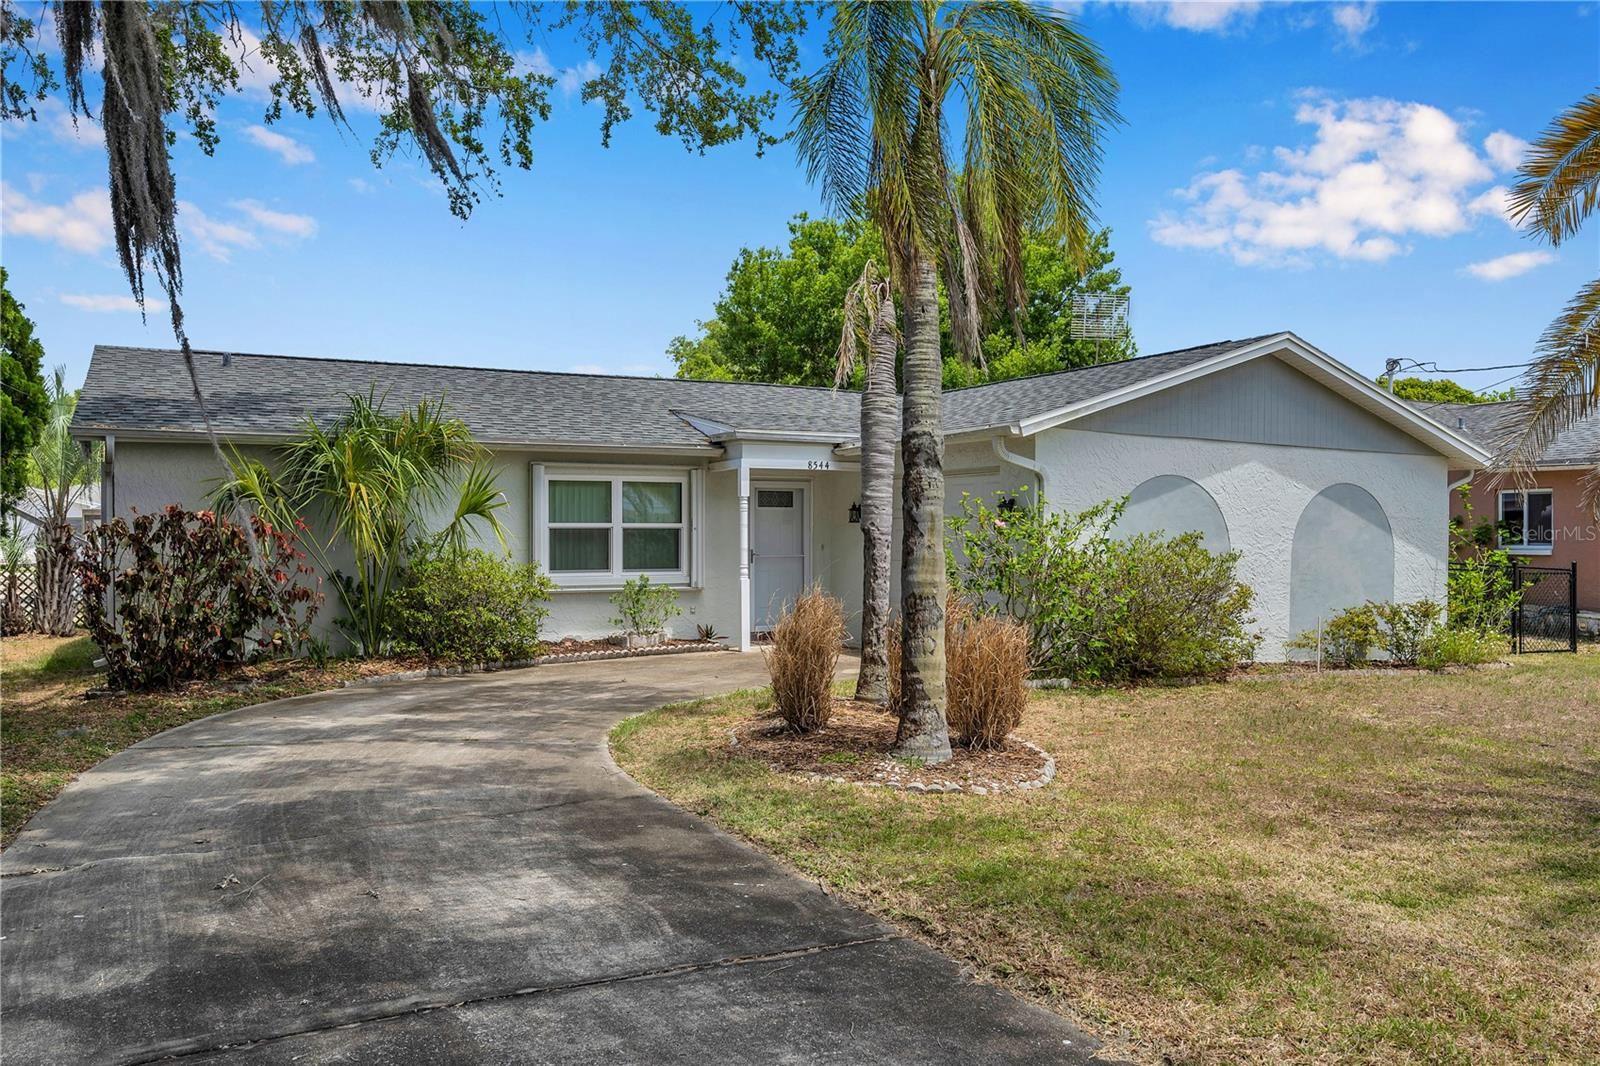 8544 GREEN STREET, Port Richey, FL 34668 - MLS#: W7833880